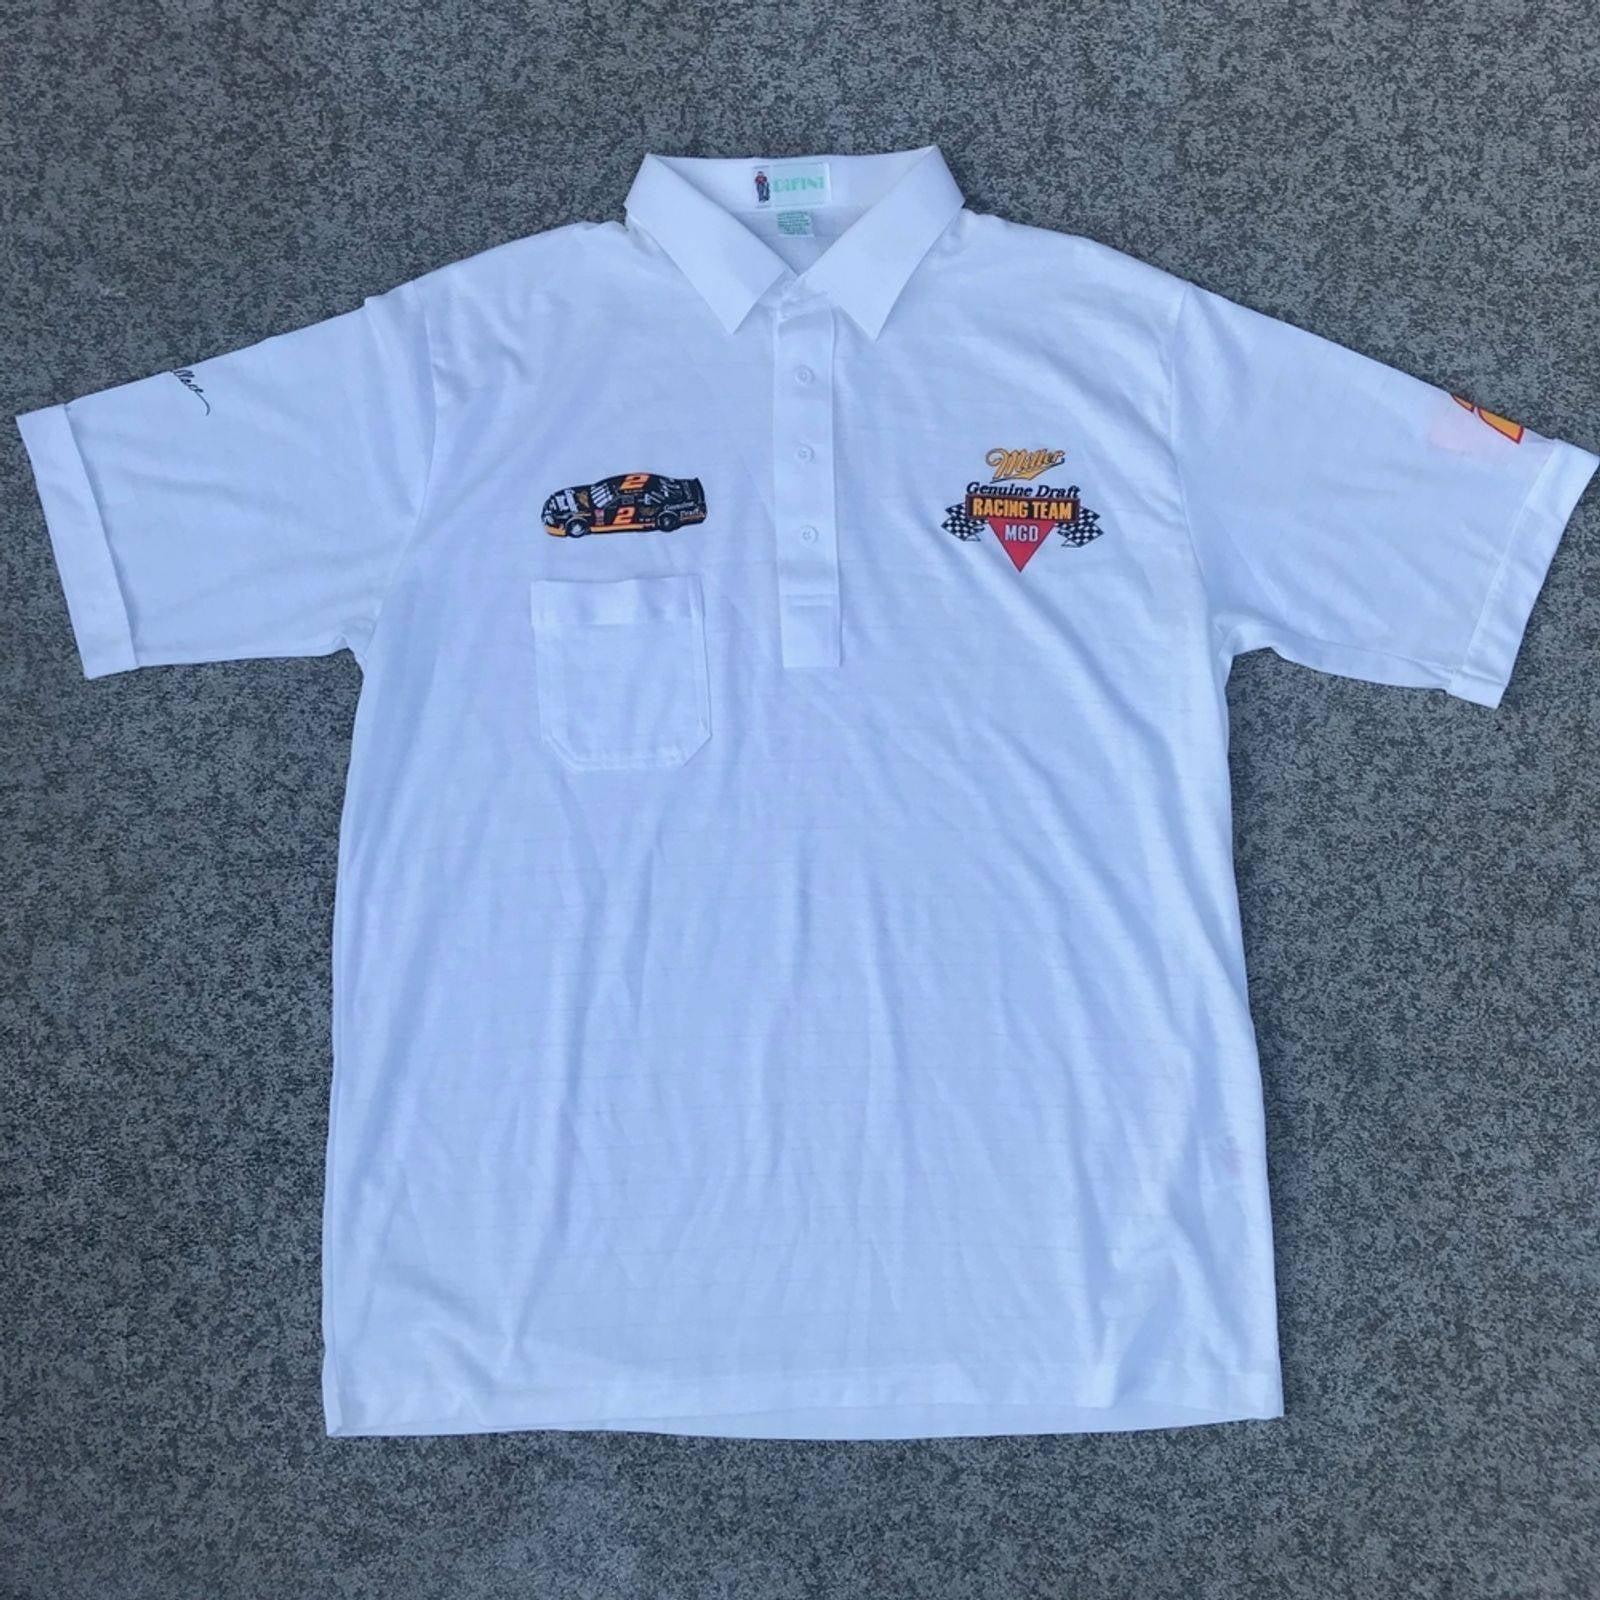 Rusty Wallace 1990's Racing Polo Shirt